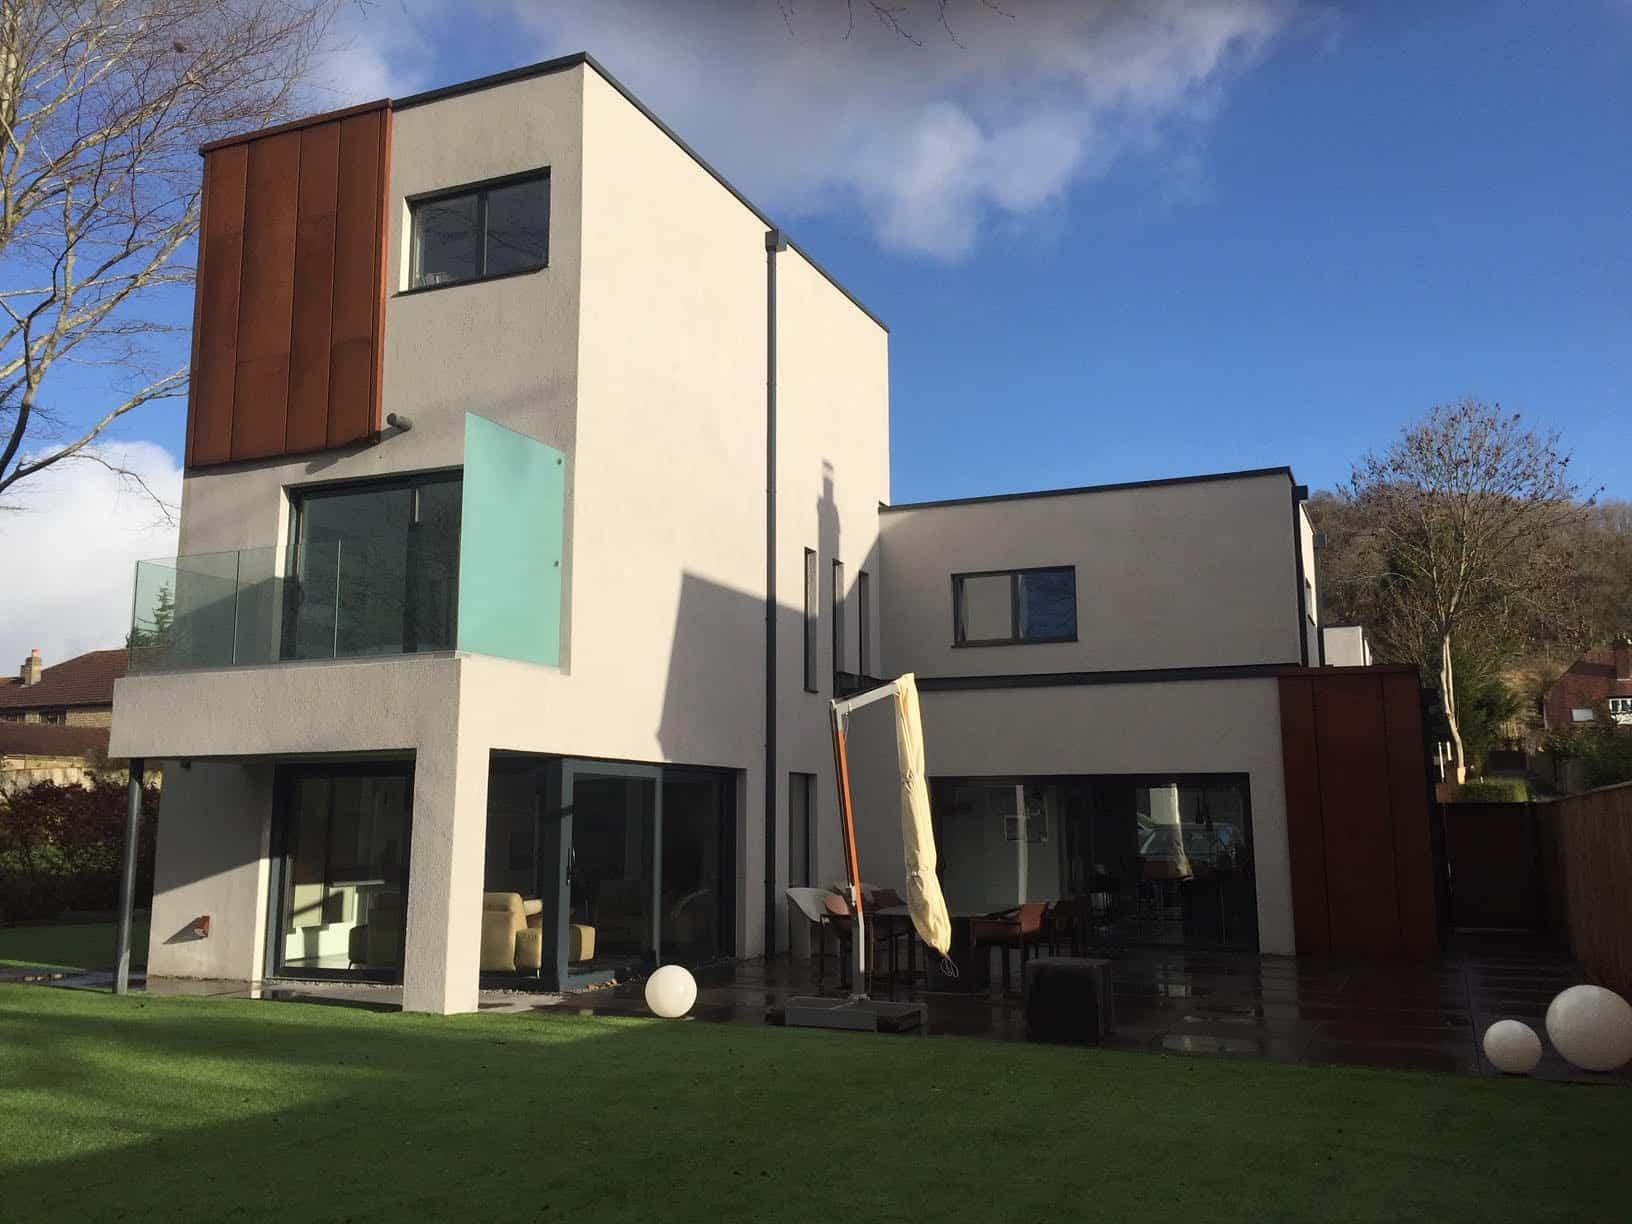 modern housing development won at appeal - Warminster